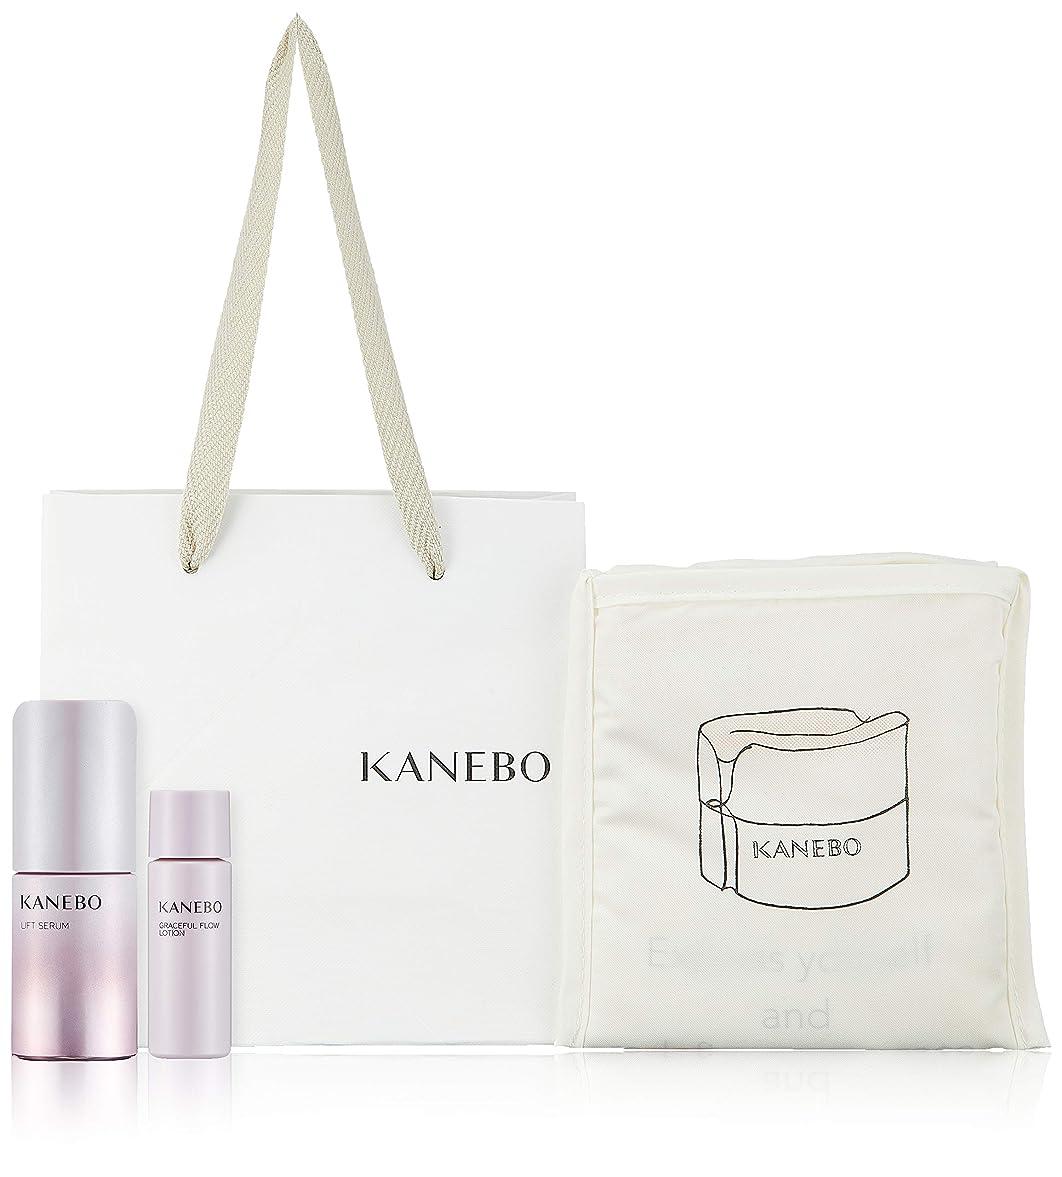 咽頭ブレイズ申し立てられた【Amazon.co.jp 限定】KANEBO(カネボウ) カネボウ リフト セラム グリーンフローラルブーケの香り 30mlセット 美容液(医薬部外品)